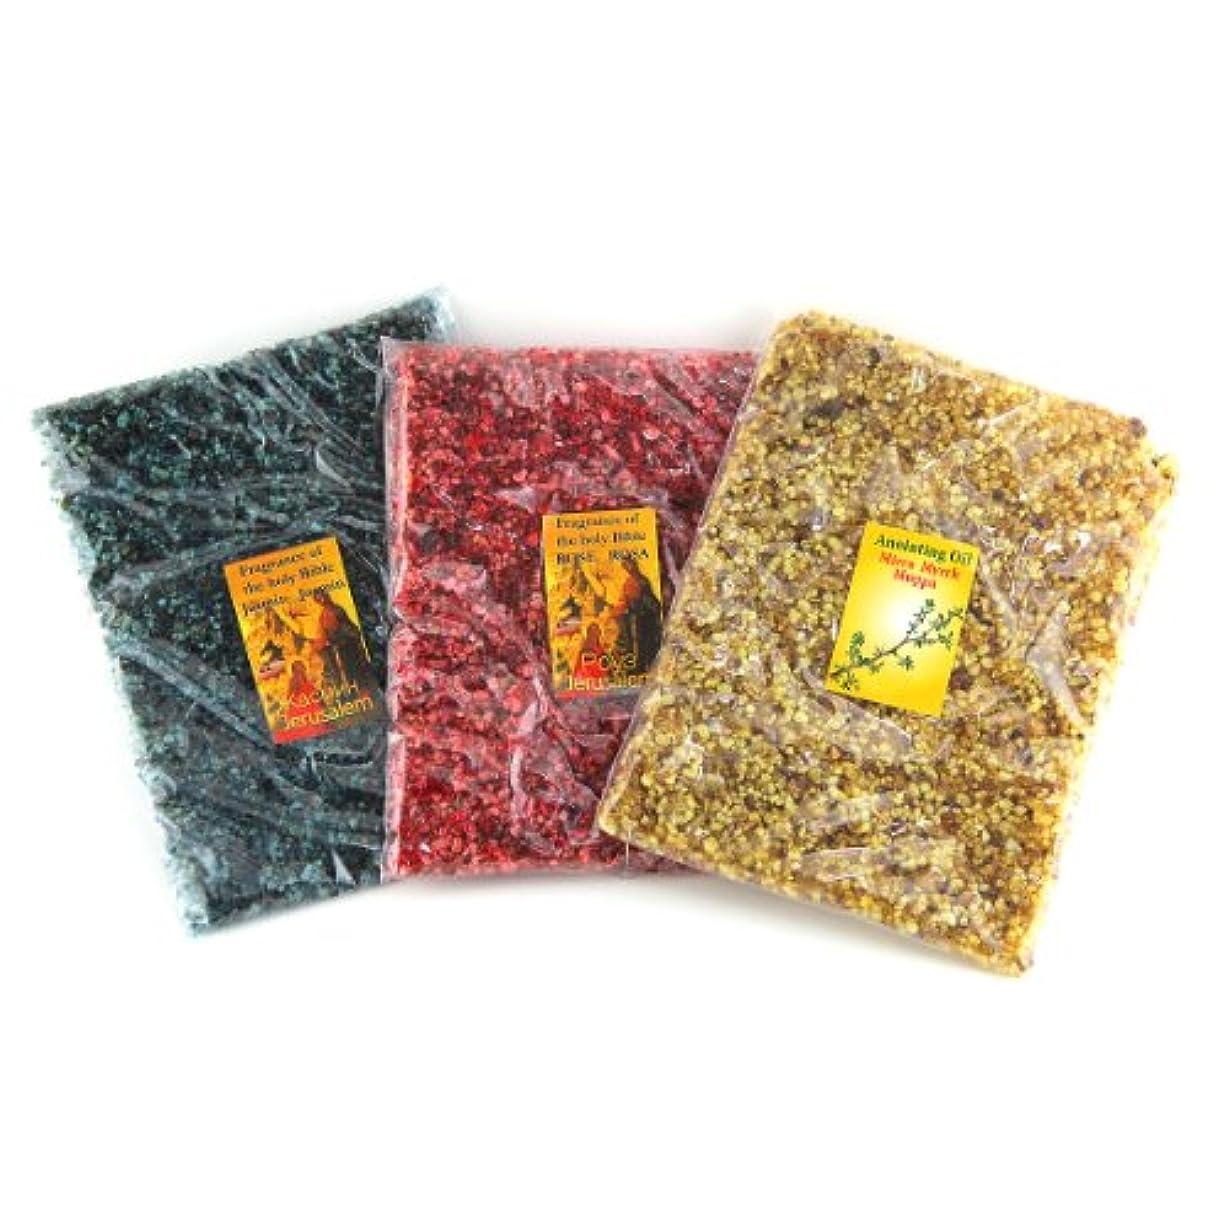 蒸留する古風な列挙する3 in 1 Set of Holy Land Incenseバッグジャスミン、Myrrh、ローズ香り100 %天然本物のエルサレムFragrance